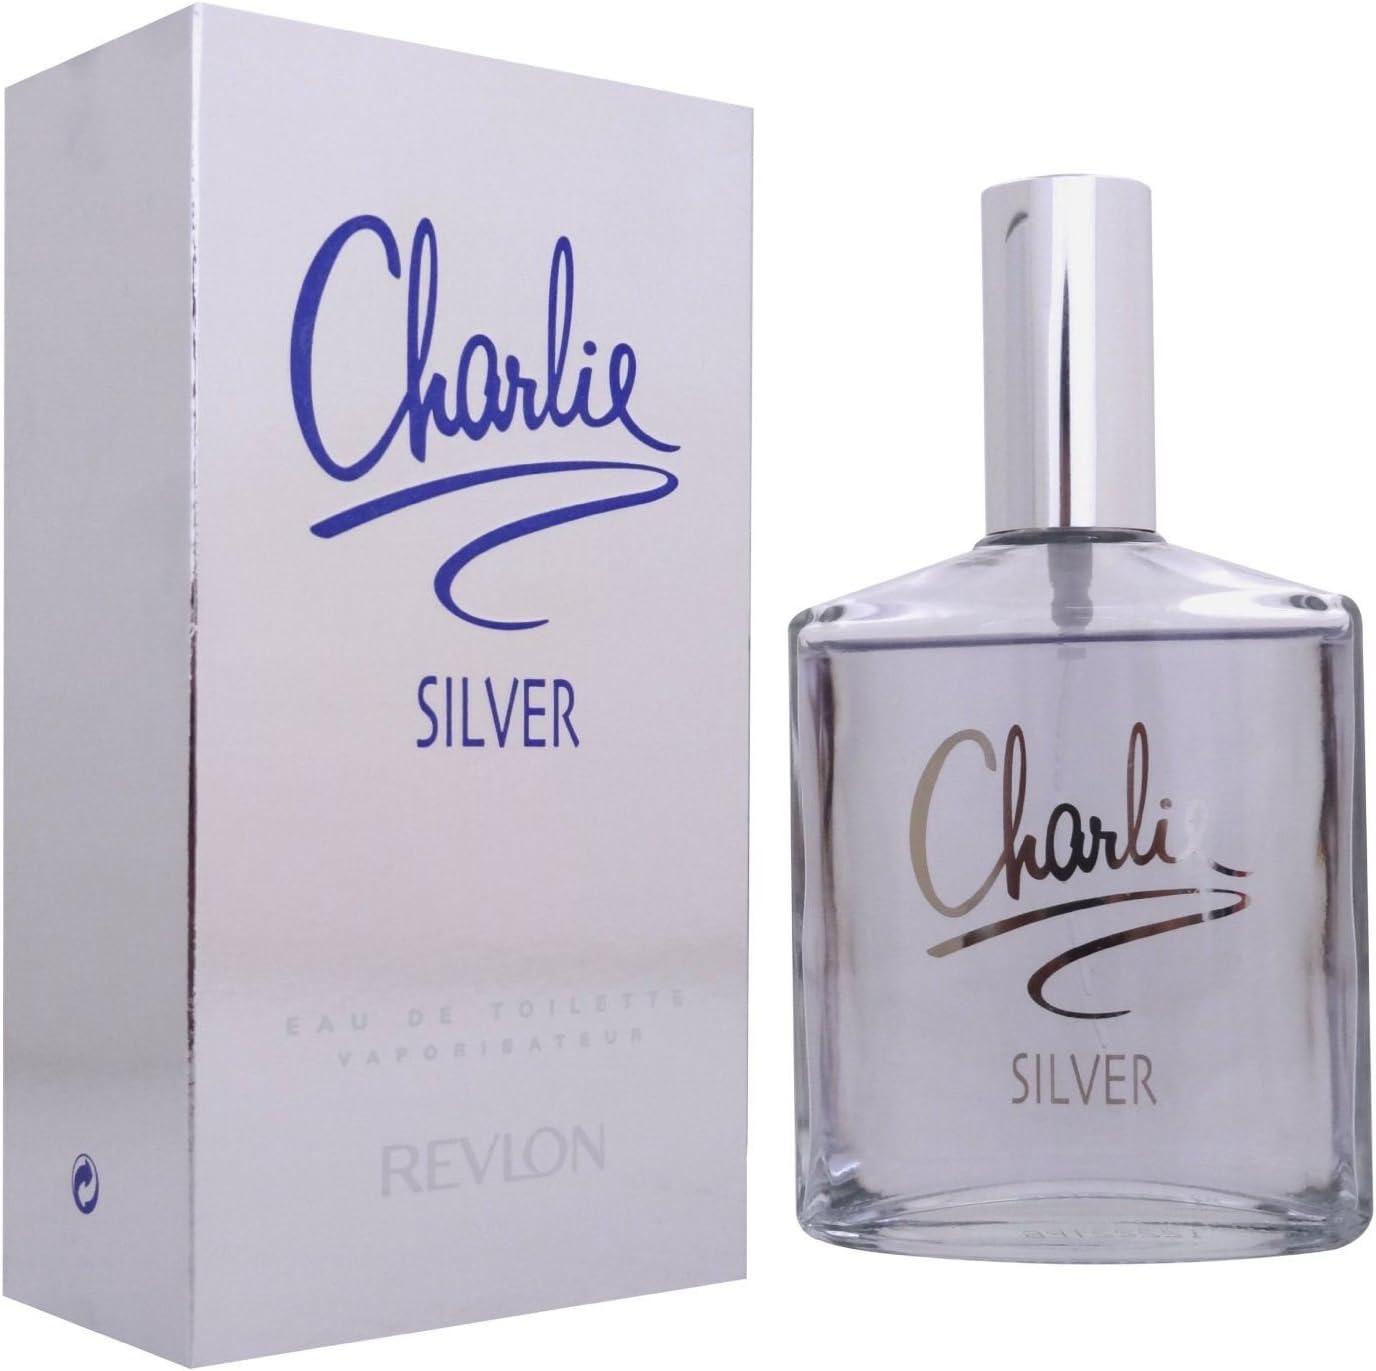 Charlie Silver Eau de Toilette 100ml